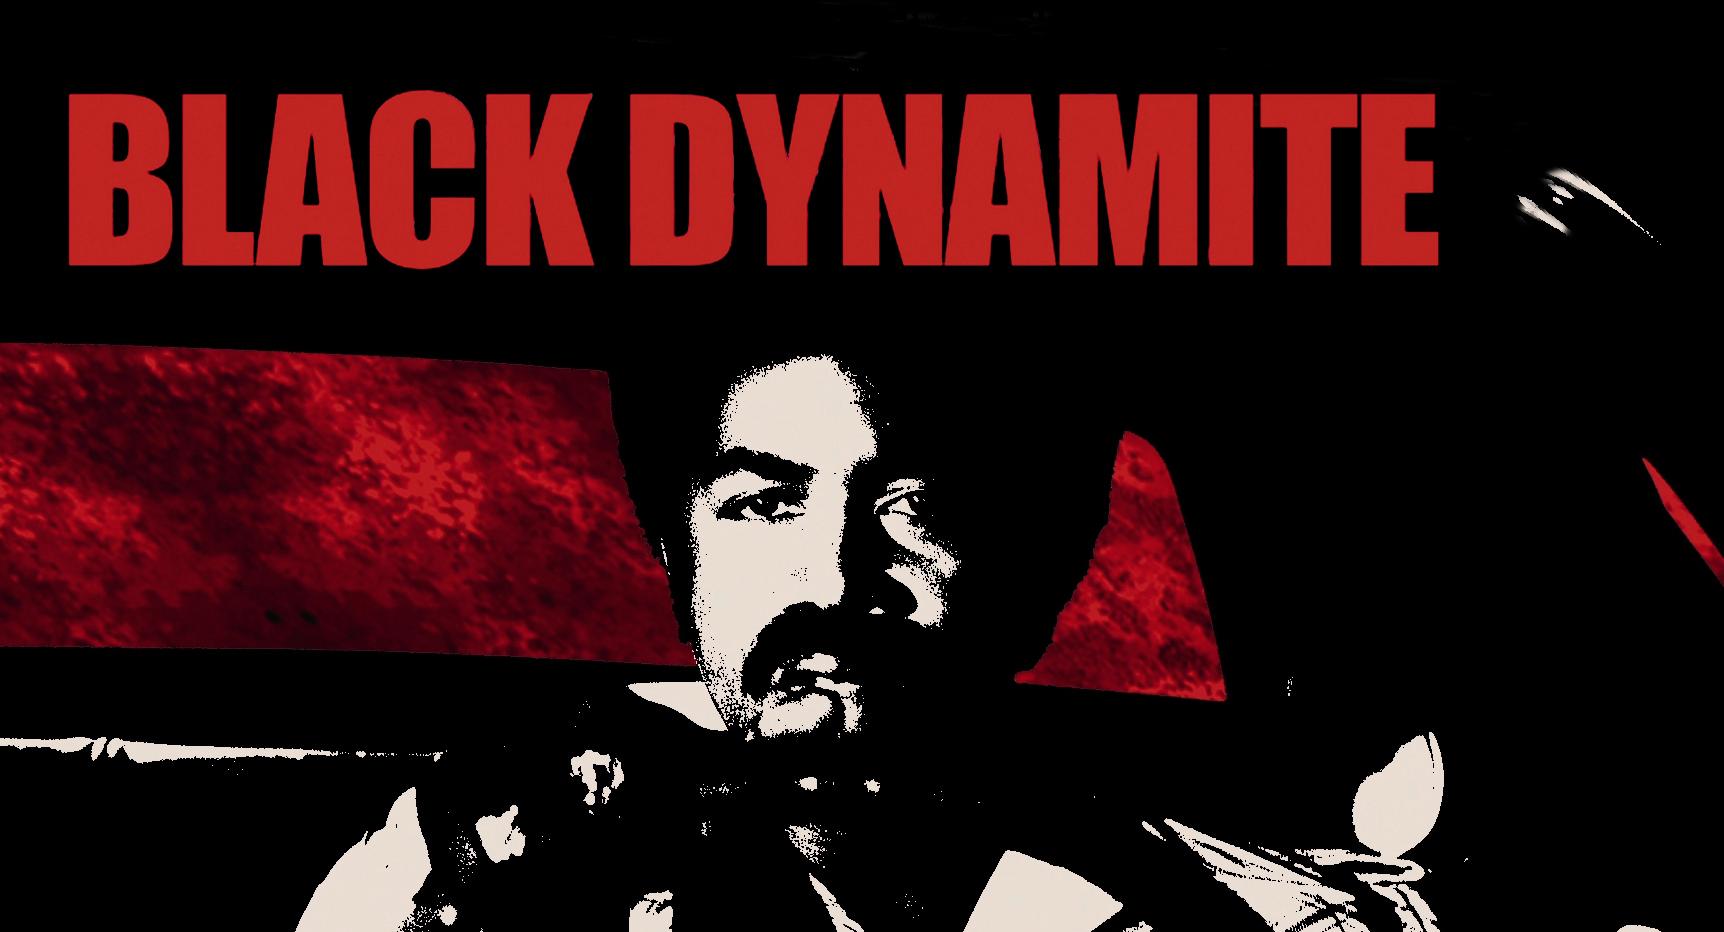 CoverPhotos_BlackDynamite.jpg